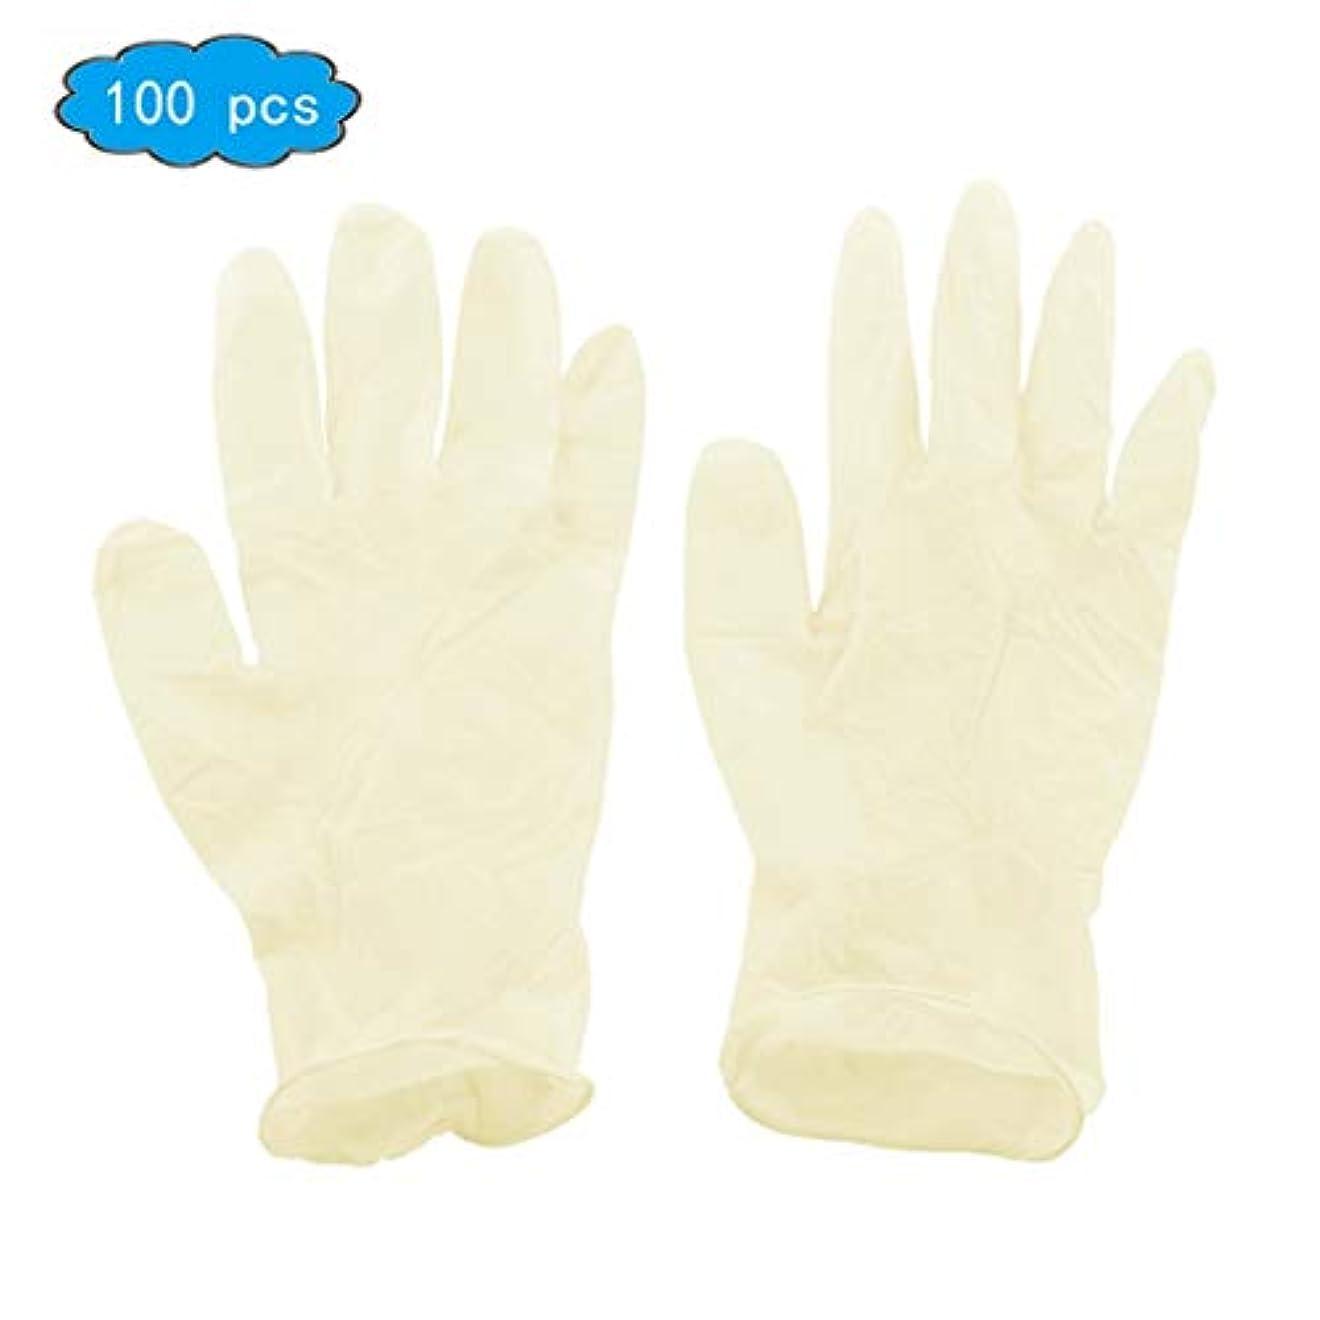 使い捨て手袋 - 医療用、パウダーフリー、ラテックスゴム、使い捨て、非滅菌、食品安全、テクスチャード加工、(便利なディスペンサーパック100)、中サイズ、応急処置用品 (Color : Beige, Size : M)